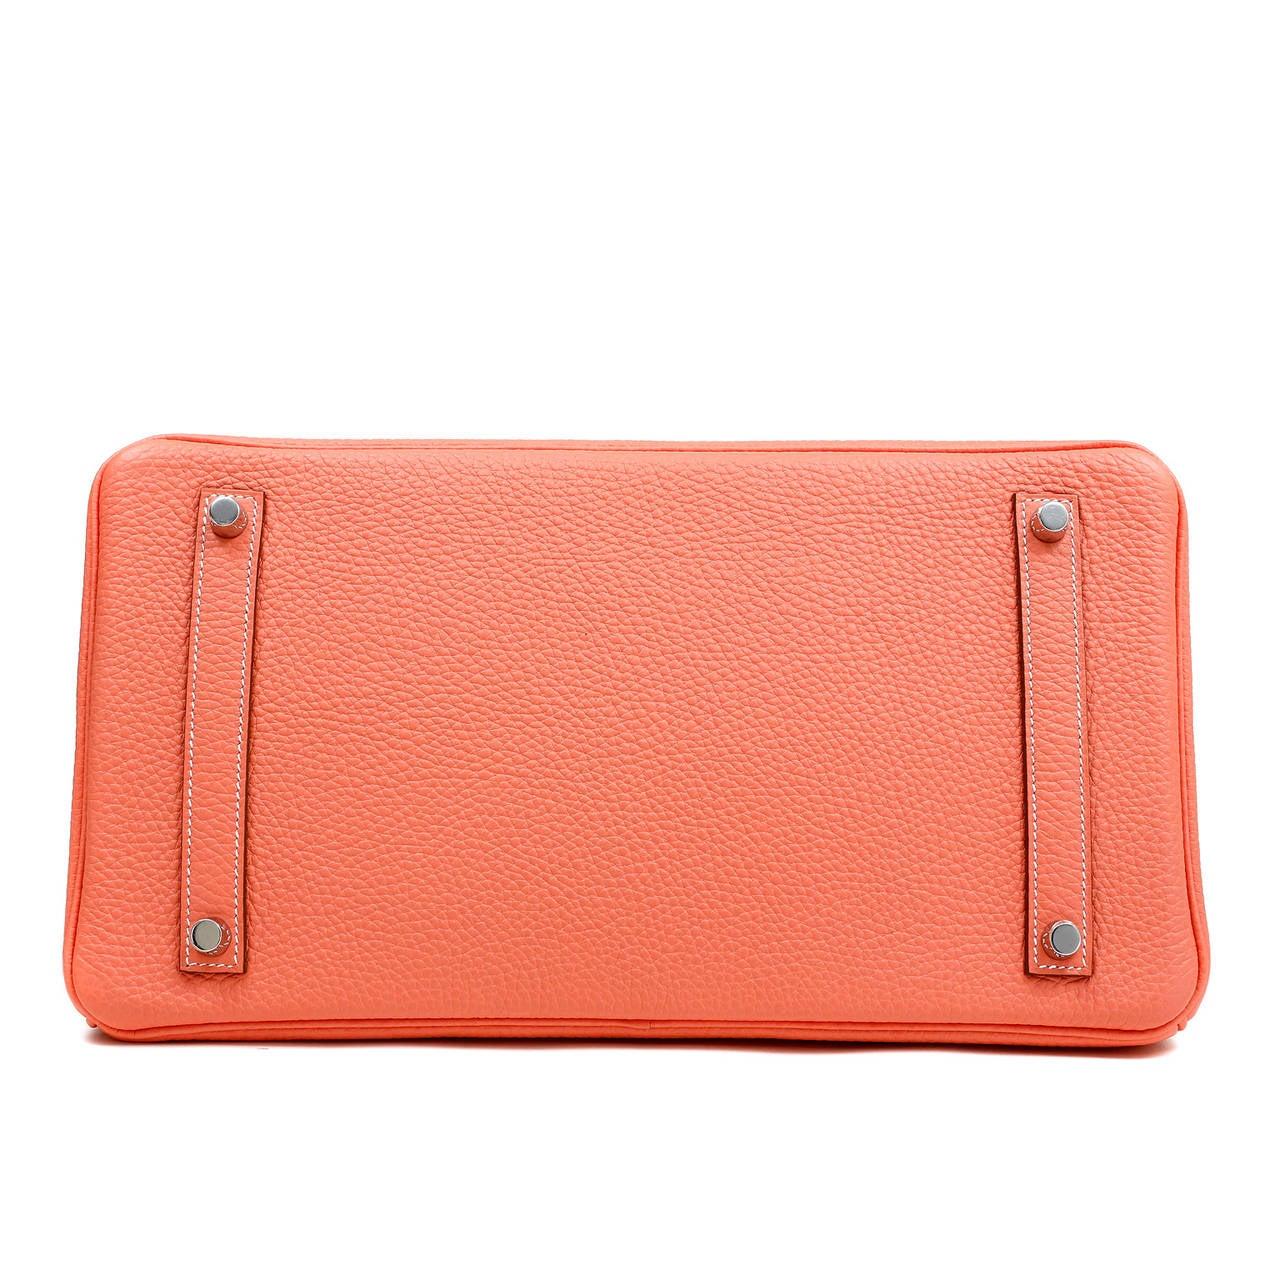 Hermes Crevette Togo 35 cm Birkin Bag- Salmon Pink Color 5